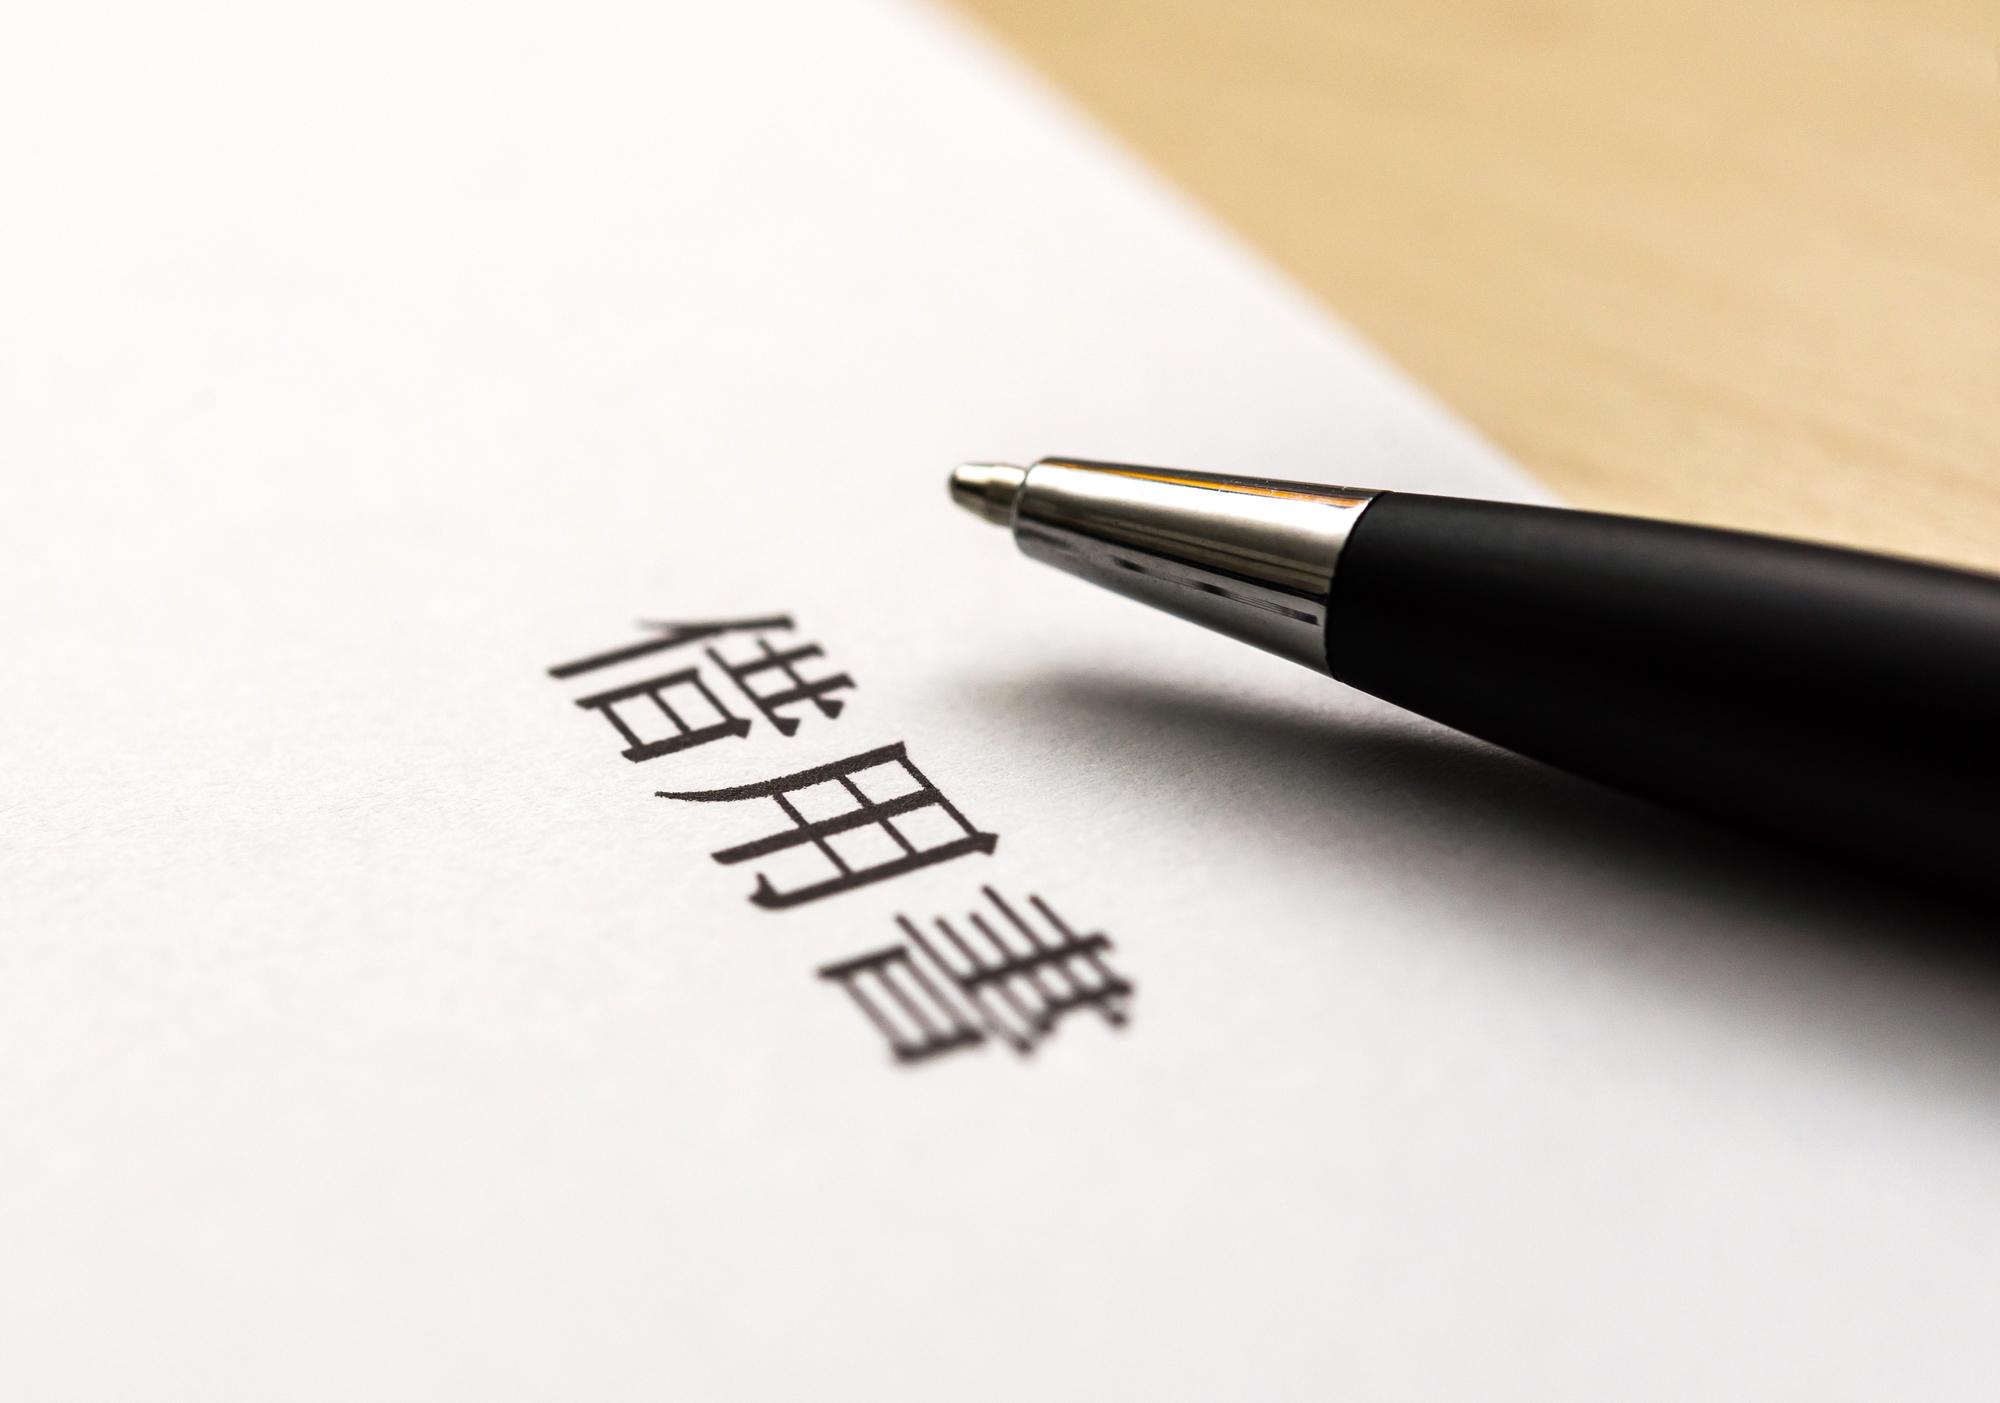 借用書や契約書はきちんと作ろう、借用書を書く時の注意点